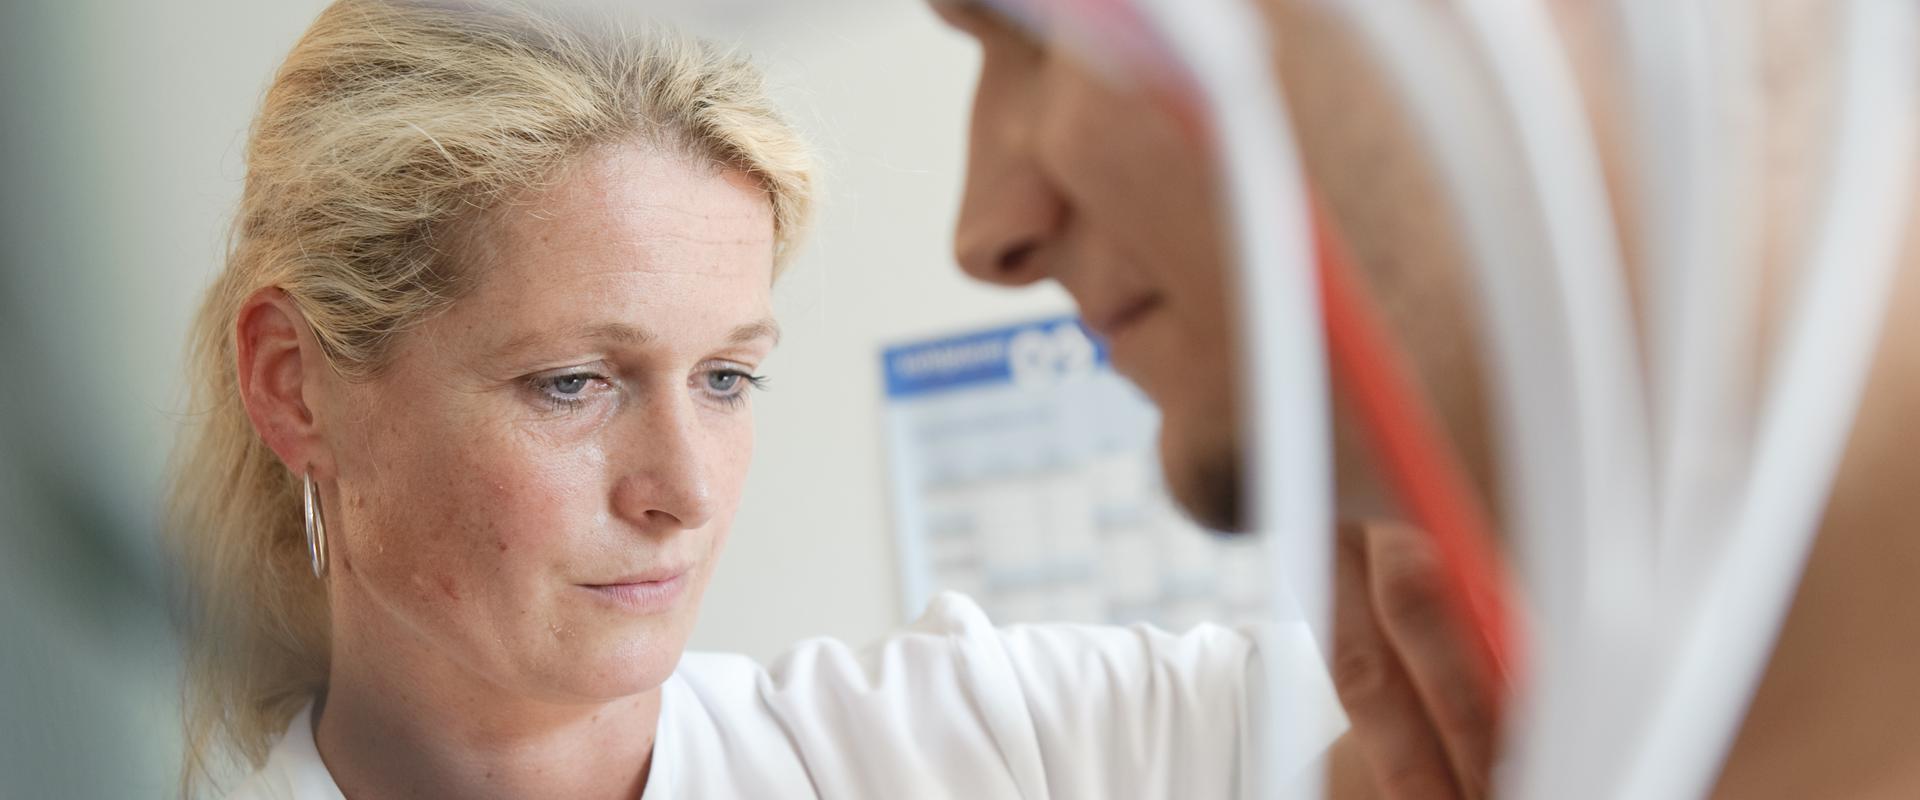 Ärztin behandelt einen Patienten in der MEDIAN Klinik Odenwald - Fachkrankenhaus